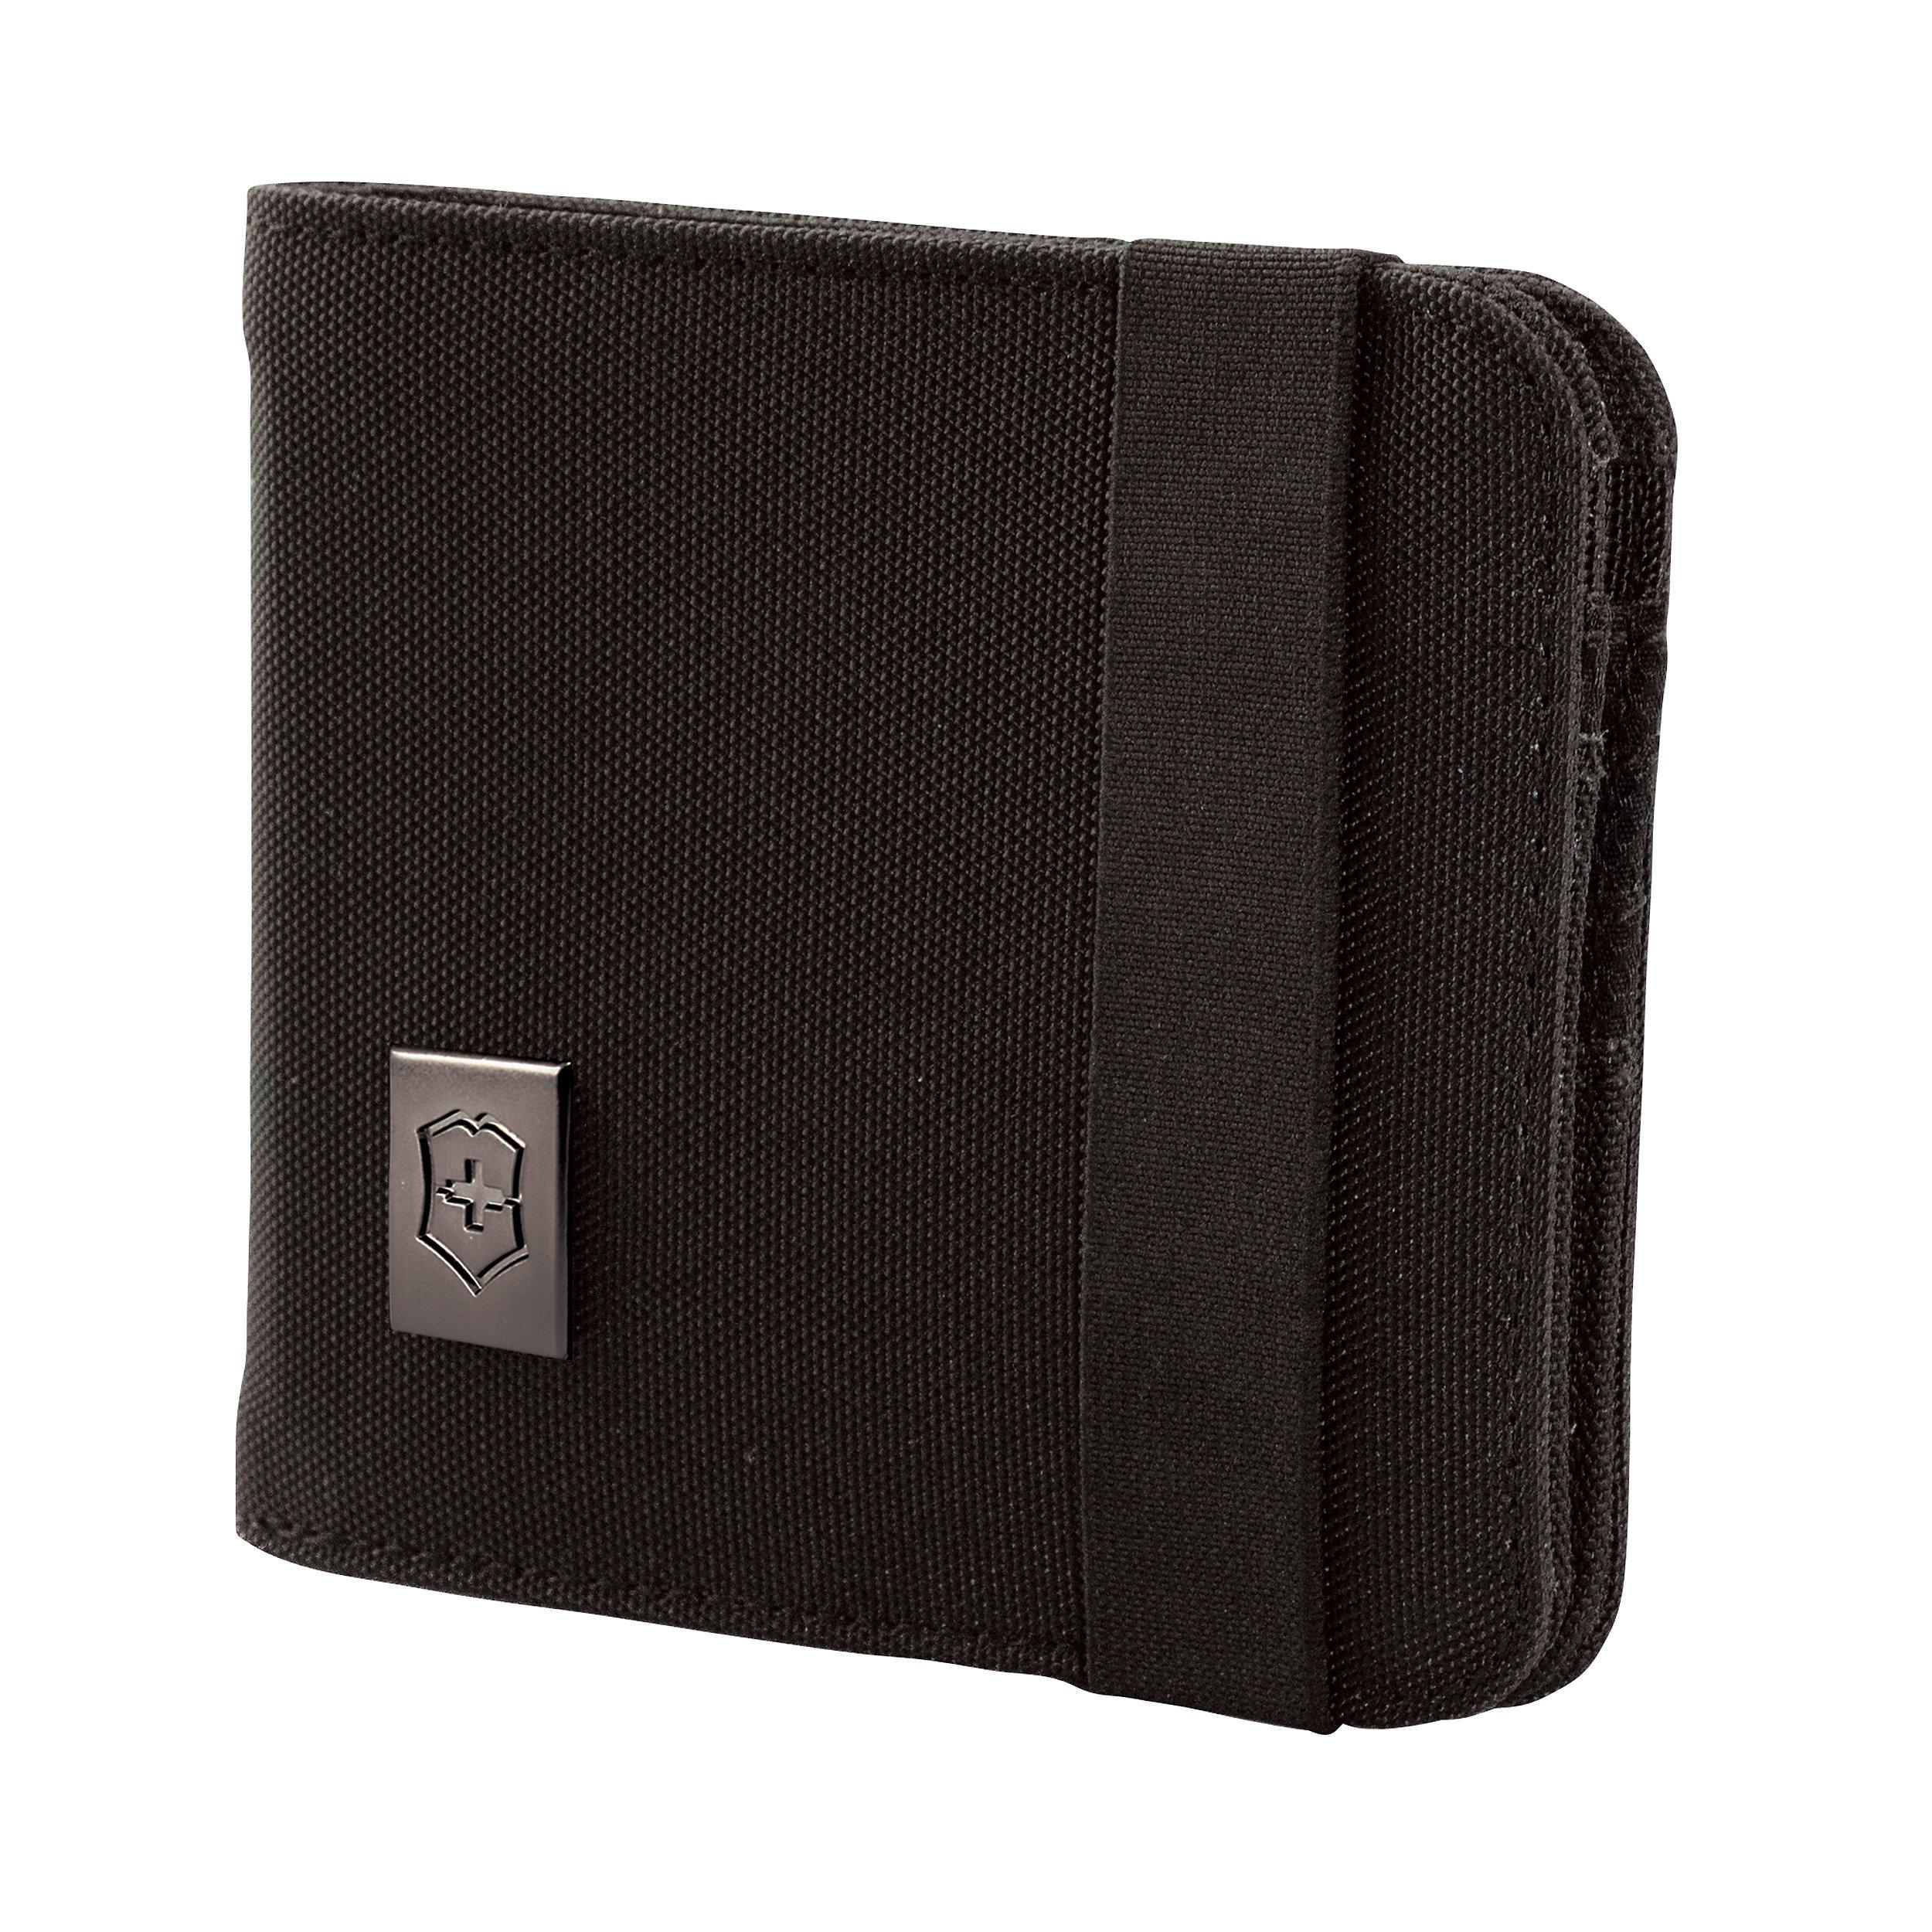 Geldbörse Bi-Fold quer 3KK Lifestyle Accessories 4.0 M